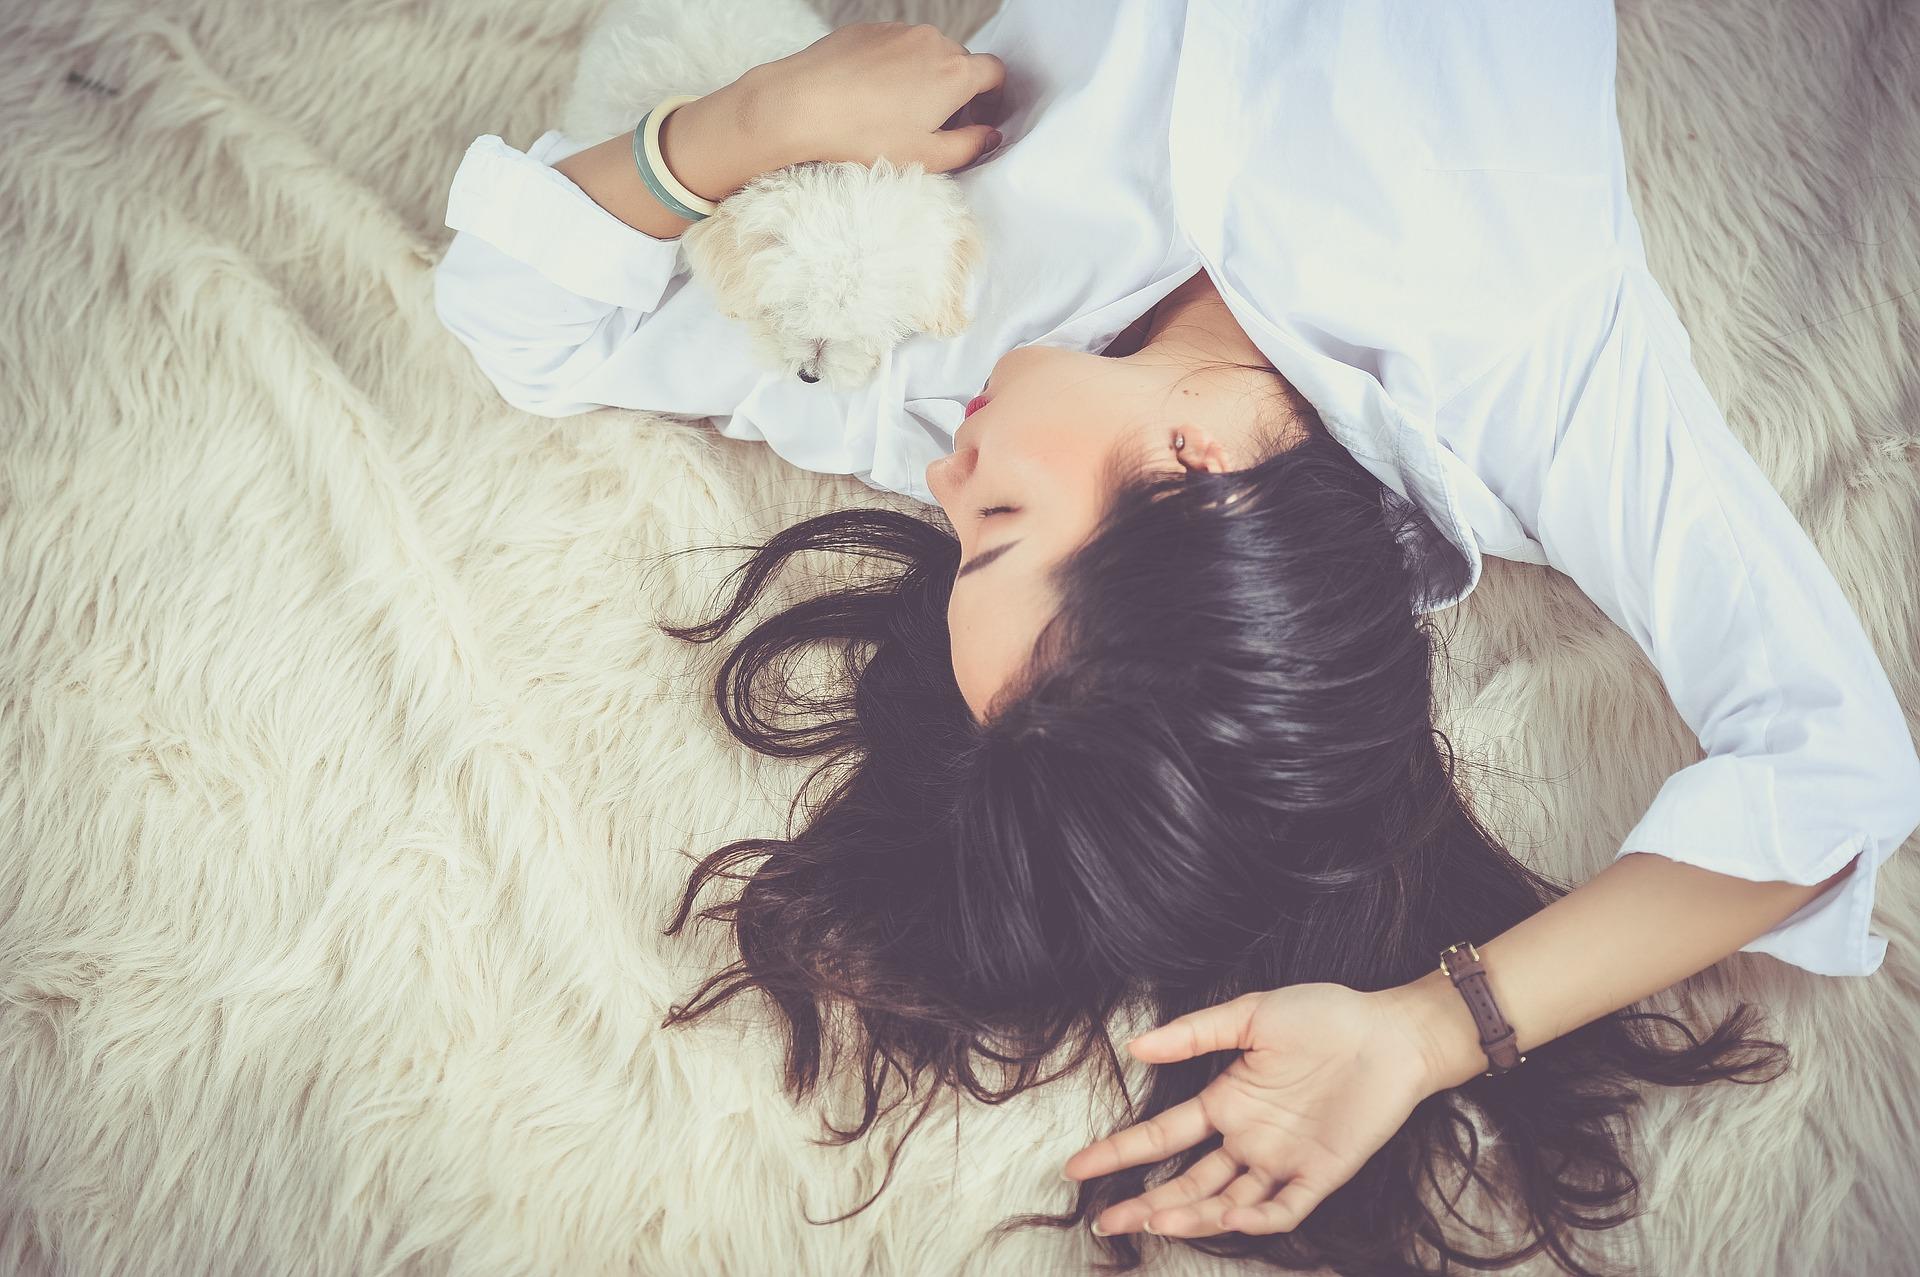 Erfolgsimpuls: Entspann Dich! Achte auf Deine Balance